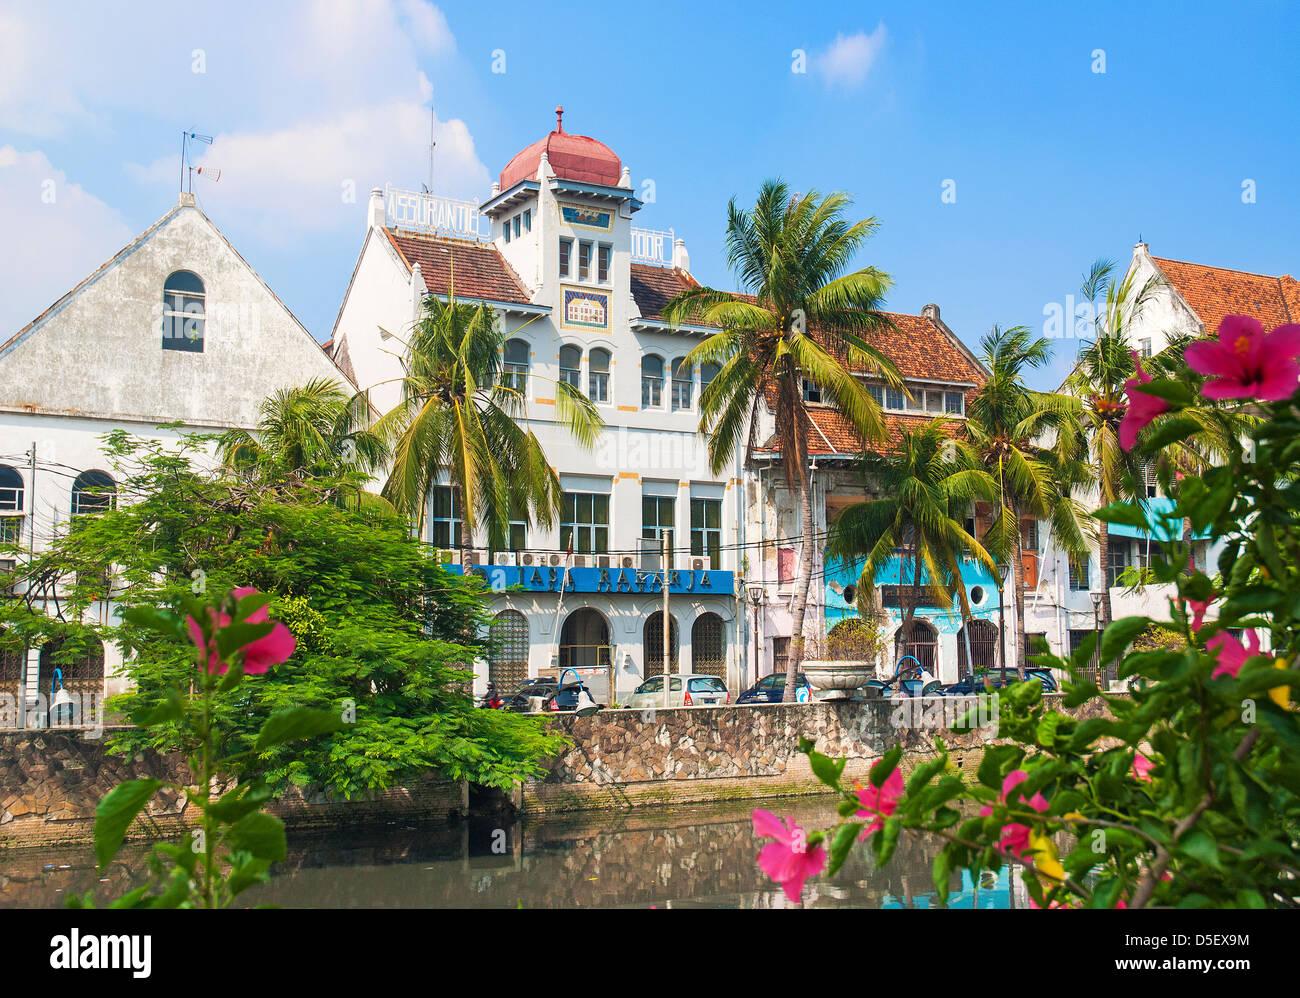 niederländischen kolonialen Gebäuden in alte Stadt Jakarta Indonesien Stockbild